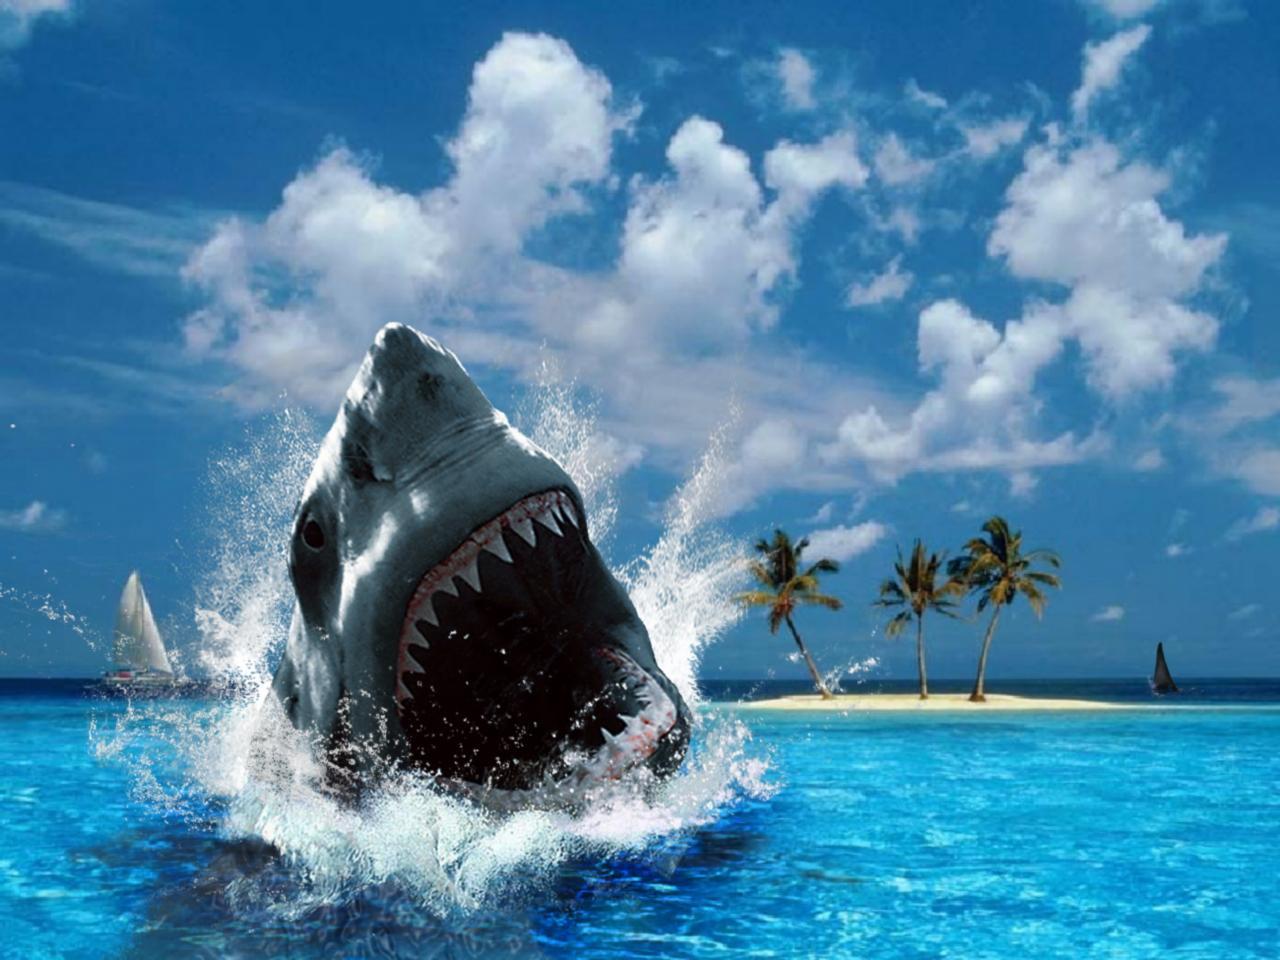 http://2.bp.blogspot.com/-NkNEjaISROE/ULs3OvsZwAI/AAAAAAAAA6Q/HdqFfuO6VDA/s1600/wallpaper+desktop1-nacozinhacomamalves.blogspot.com-shark-action-ssuper-wallpaper.jpg